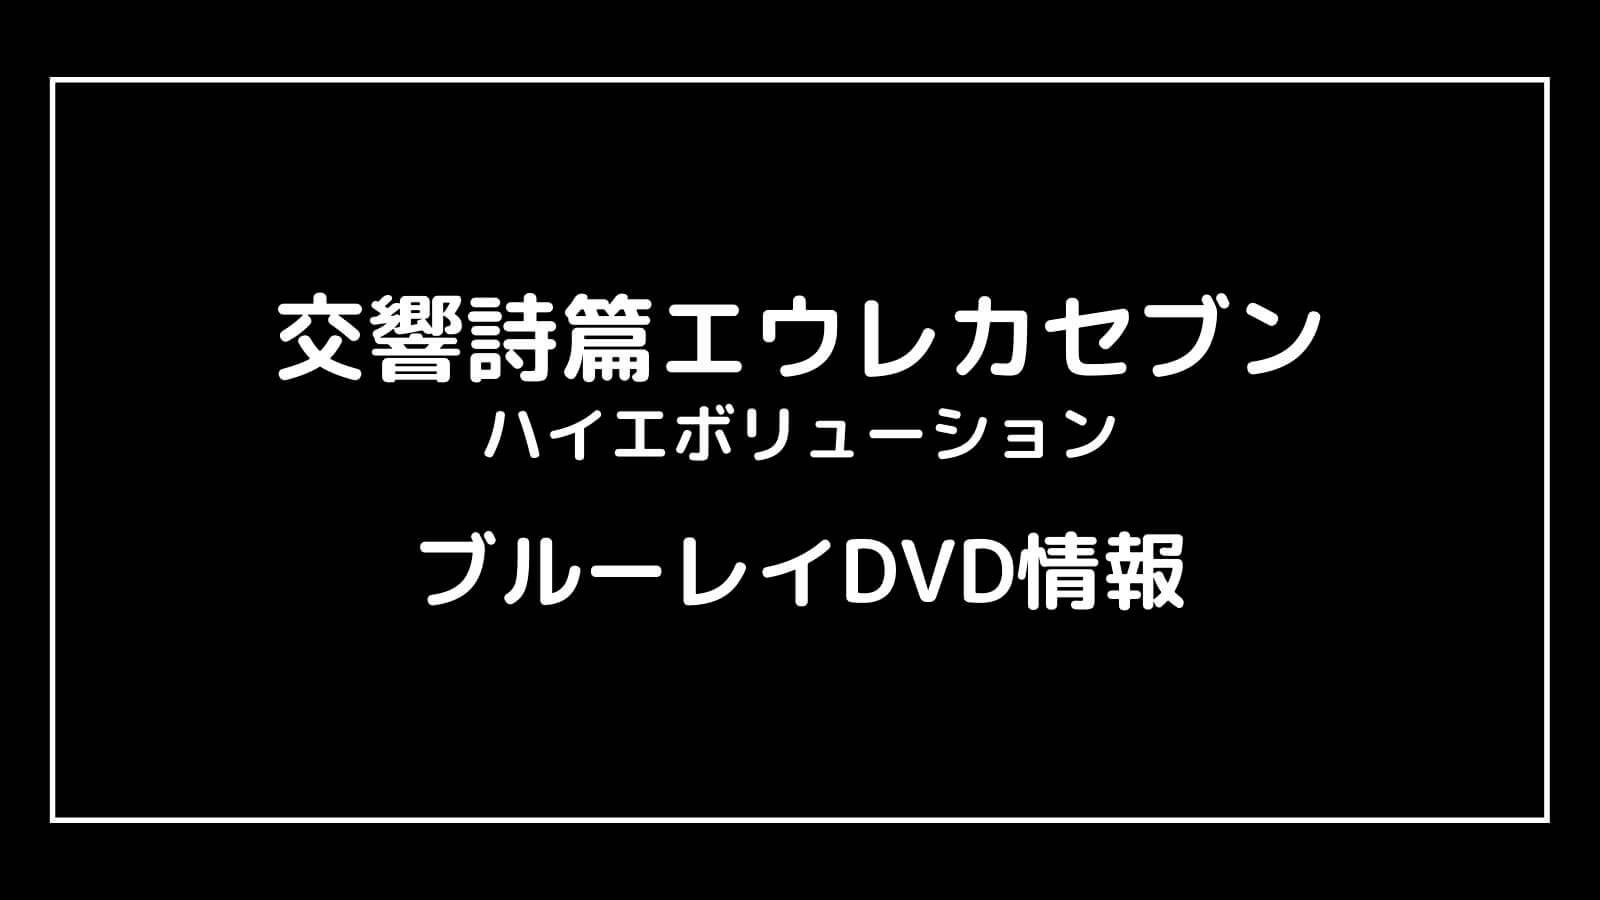 映画『EUREKA 交響詩篇エウレカセブン3』興行収入推移と最終興収を元映画館社員が予想【ハイエボリューション】